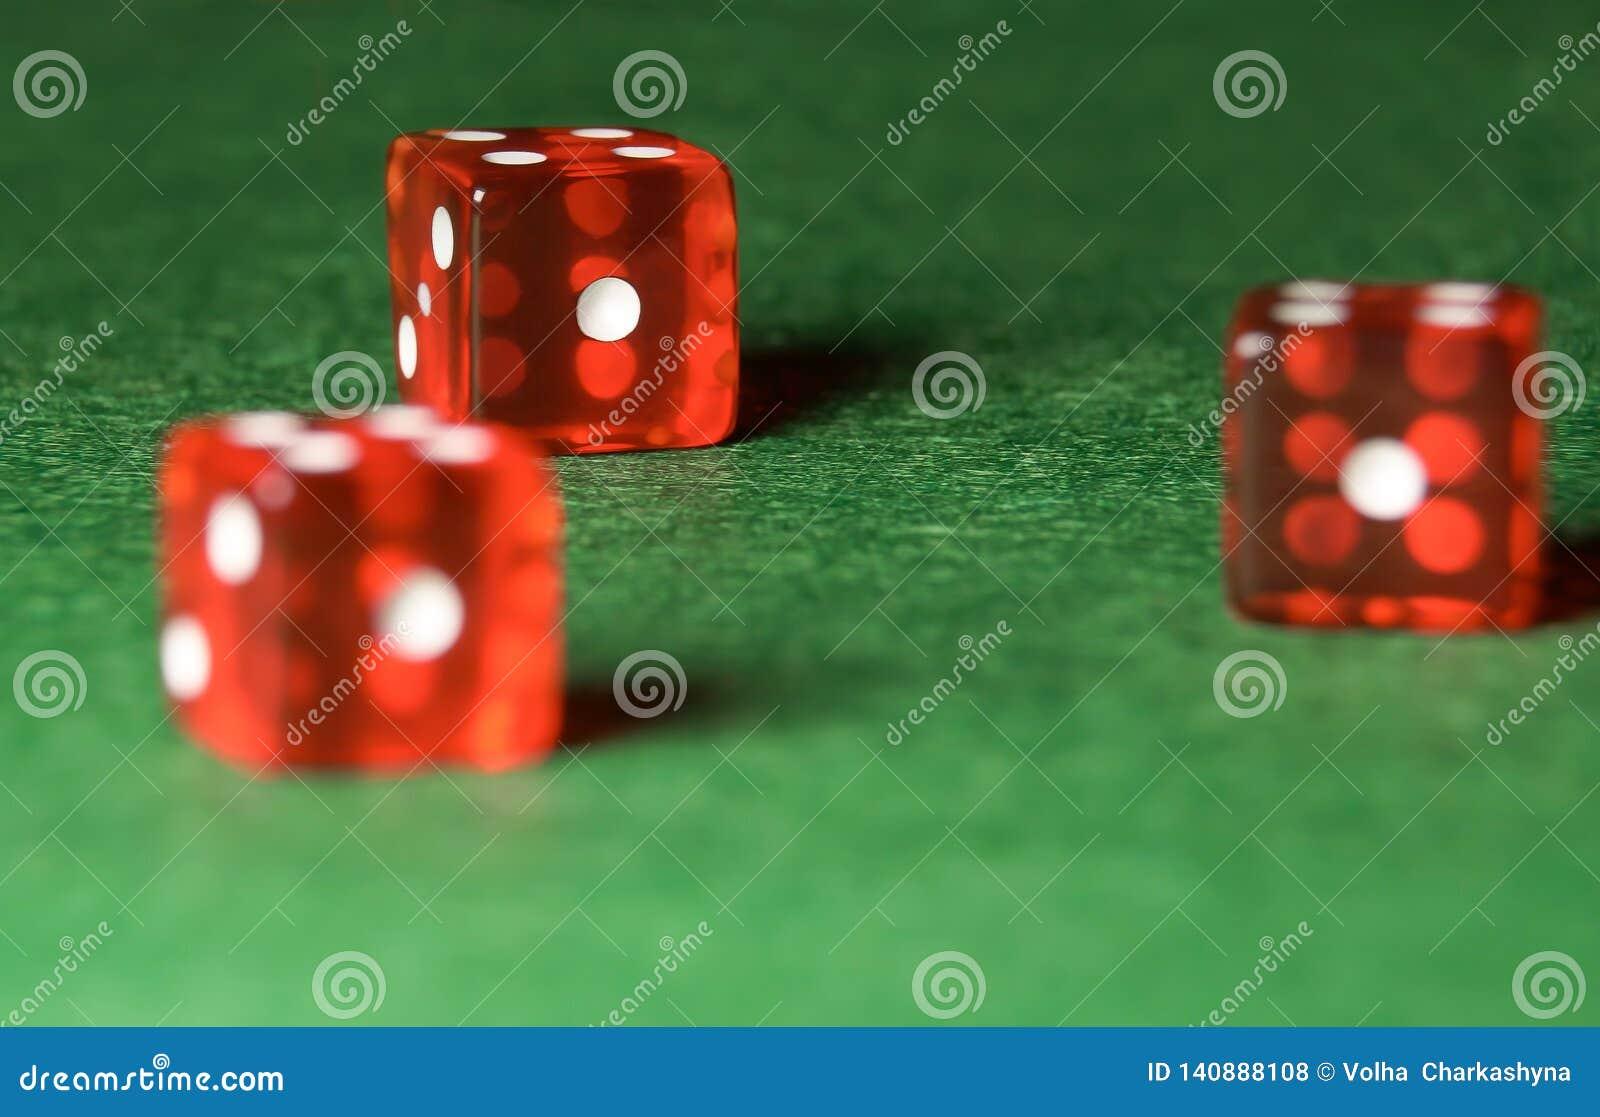 El casino corta en cuadritos en el paño verde El concepto de juego en línea